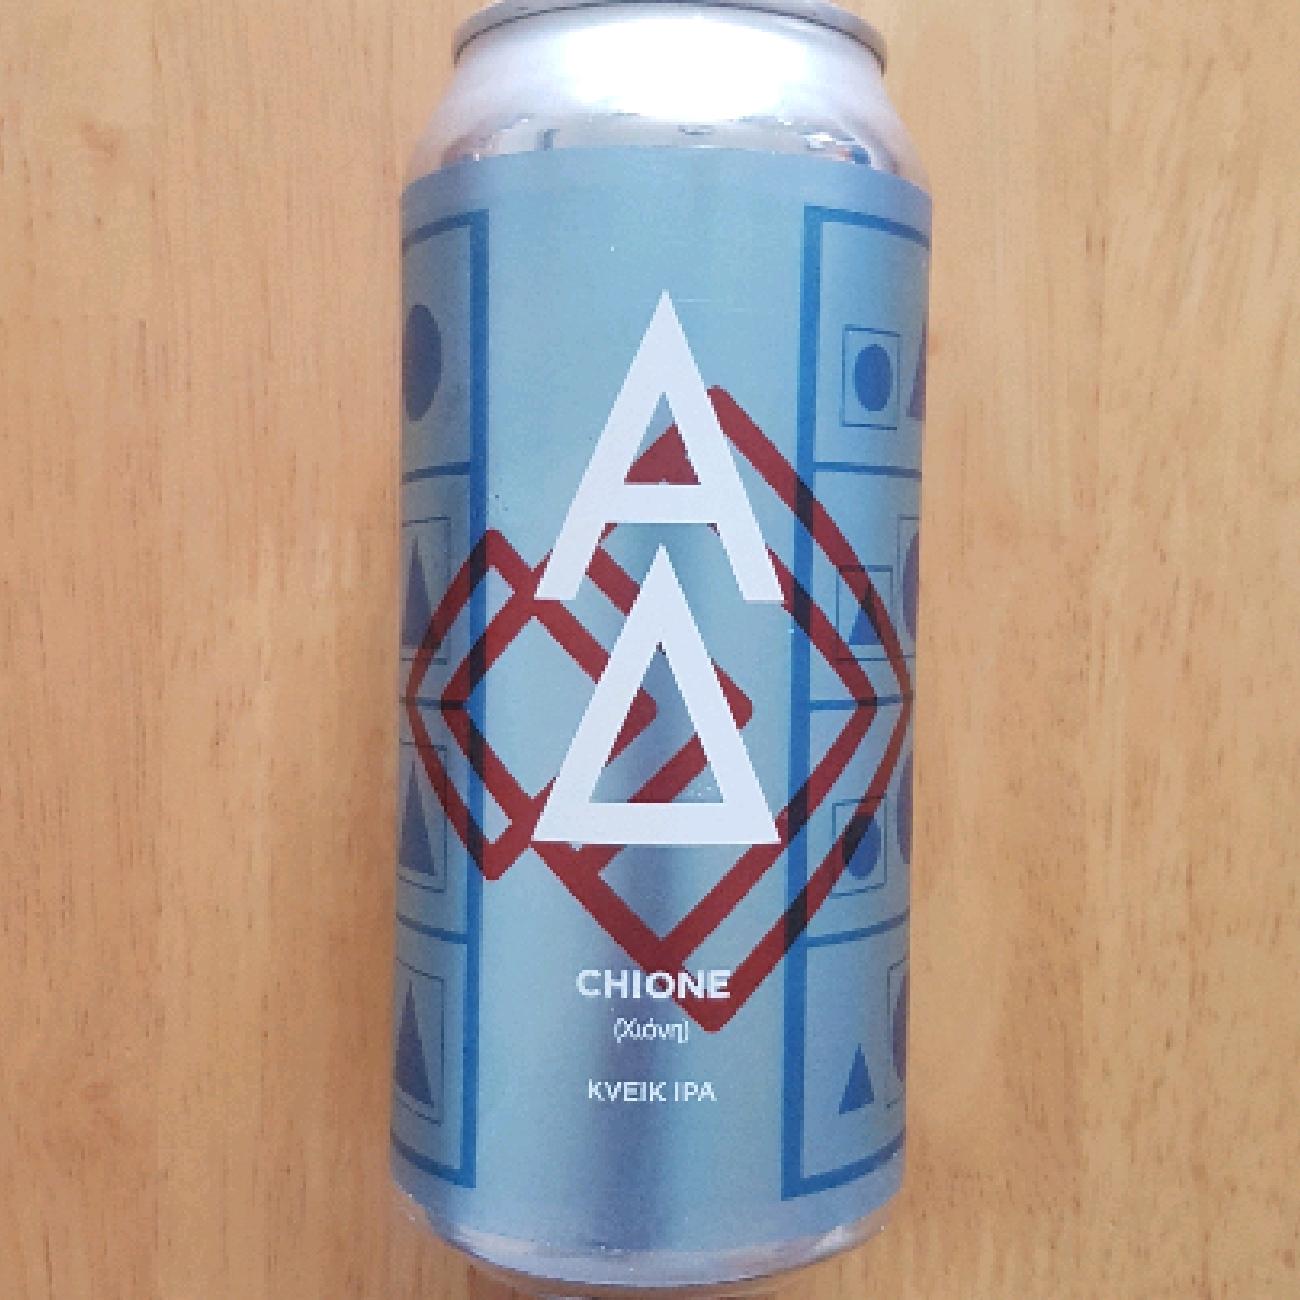 Alpha Delta Chione